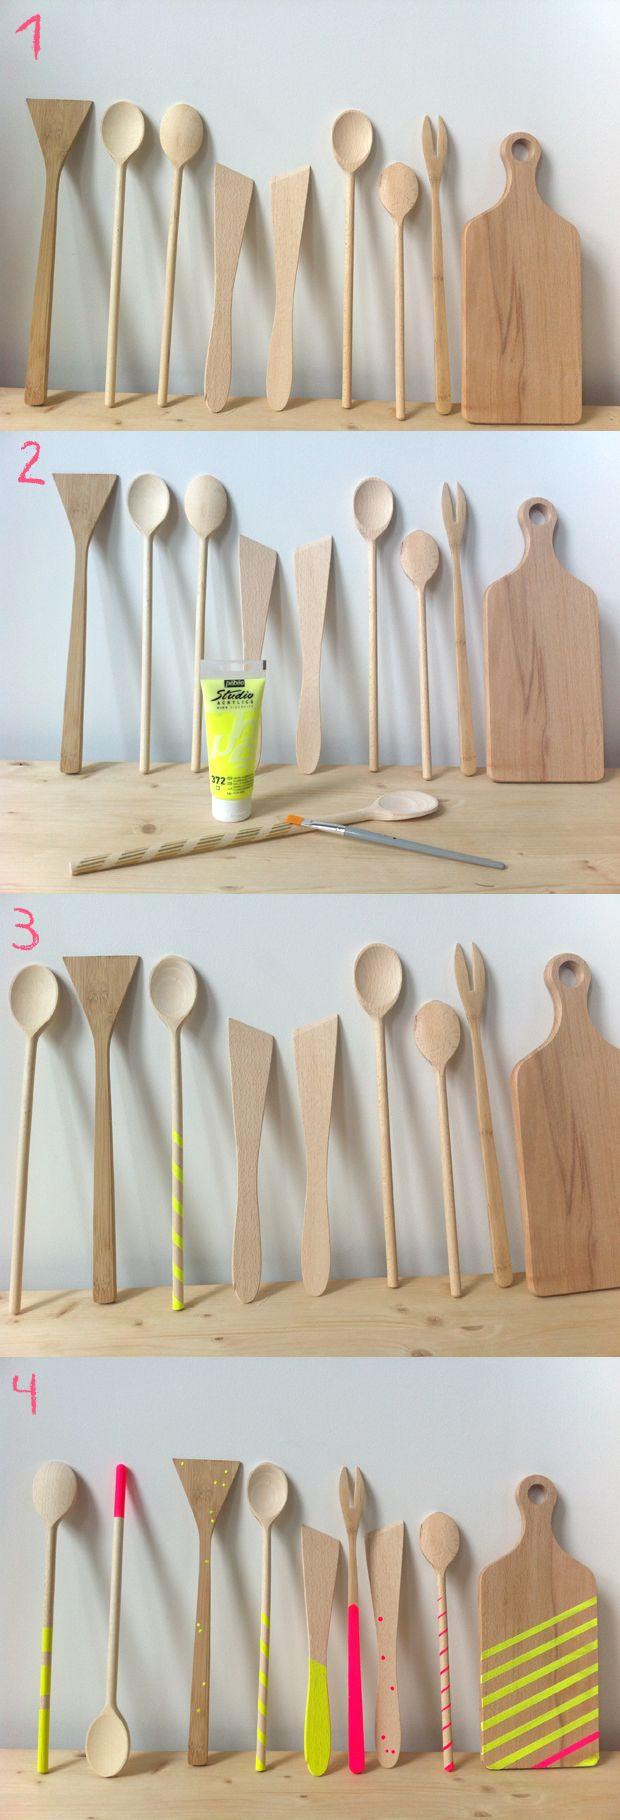 La semaine LA CERISE SUR LE GATEAU continue sur LaitFraiseMag avec de nouvelles idées DIY: des couverts arty par Anne Hubert!!  http://laitfraisemag.fr/2013/06/diy-des-ustensiles-de-cuisine-arty-par-anne-hubert/